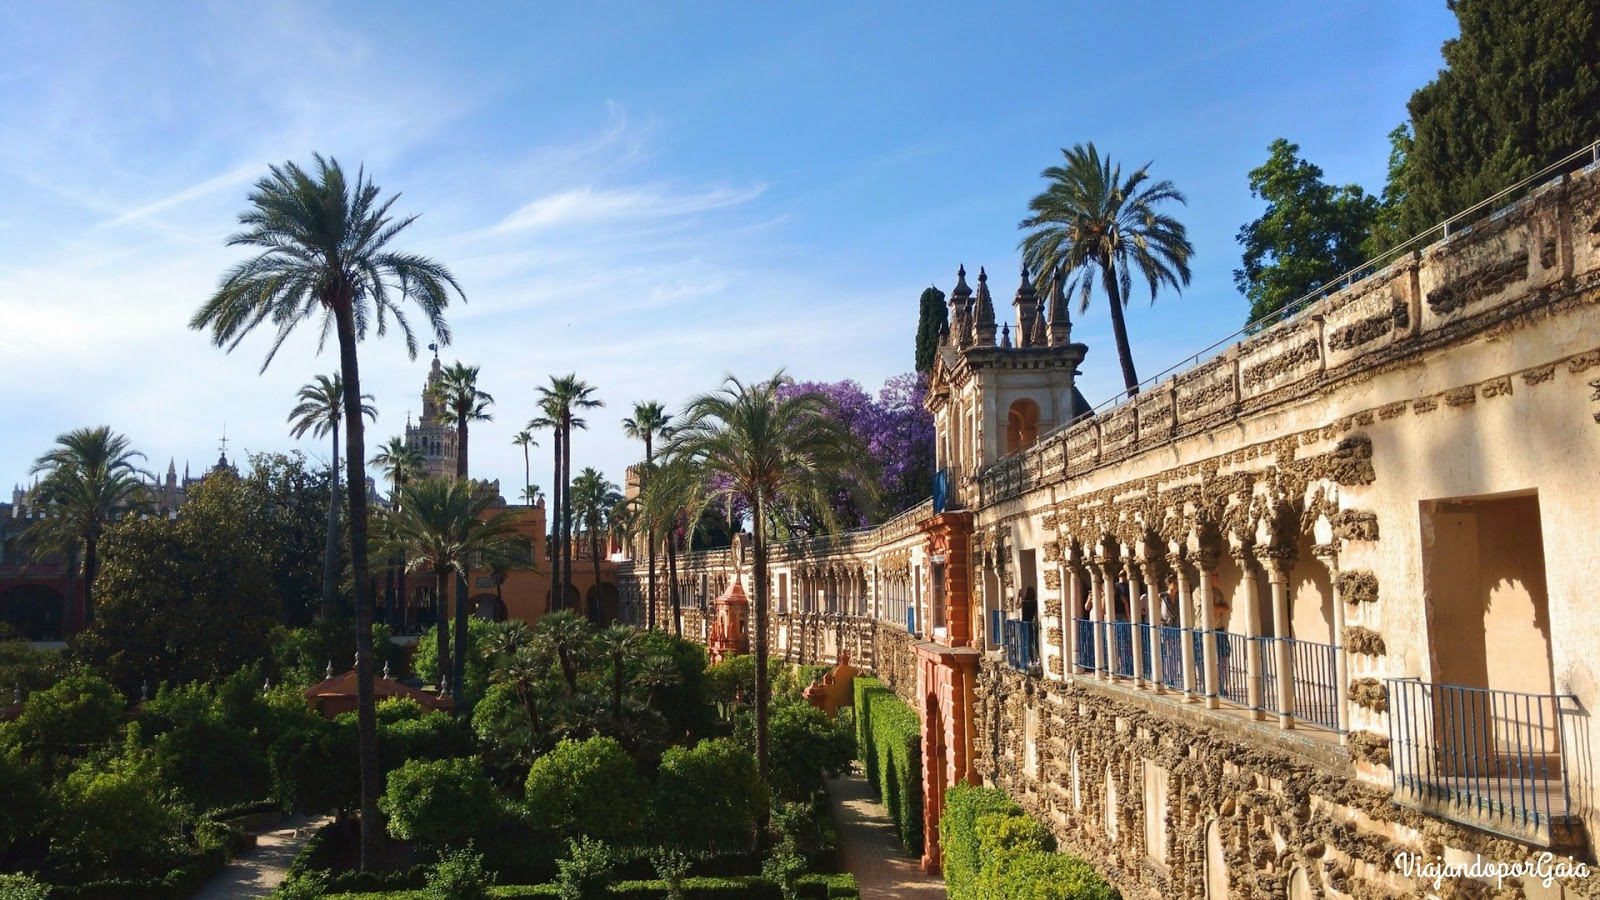 Vista desde la Galería Grutesco a los jardines de fondo se alcanza a ver la cúpula de la Catedral de Sevilla.